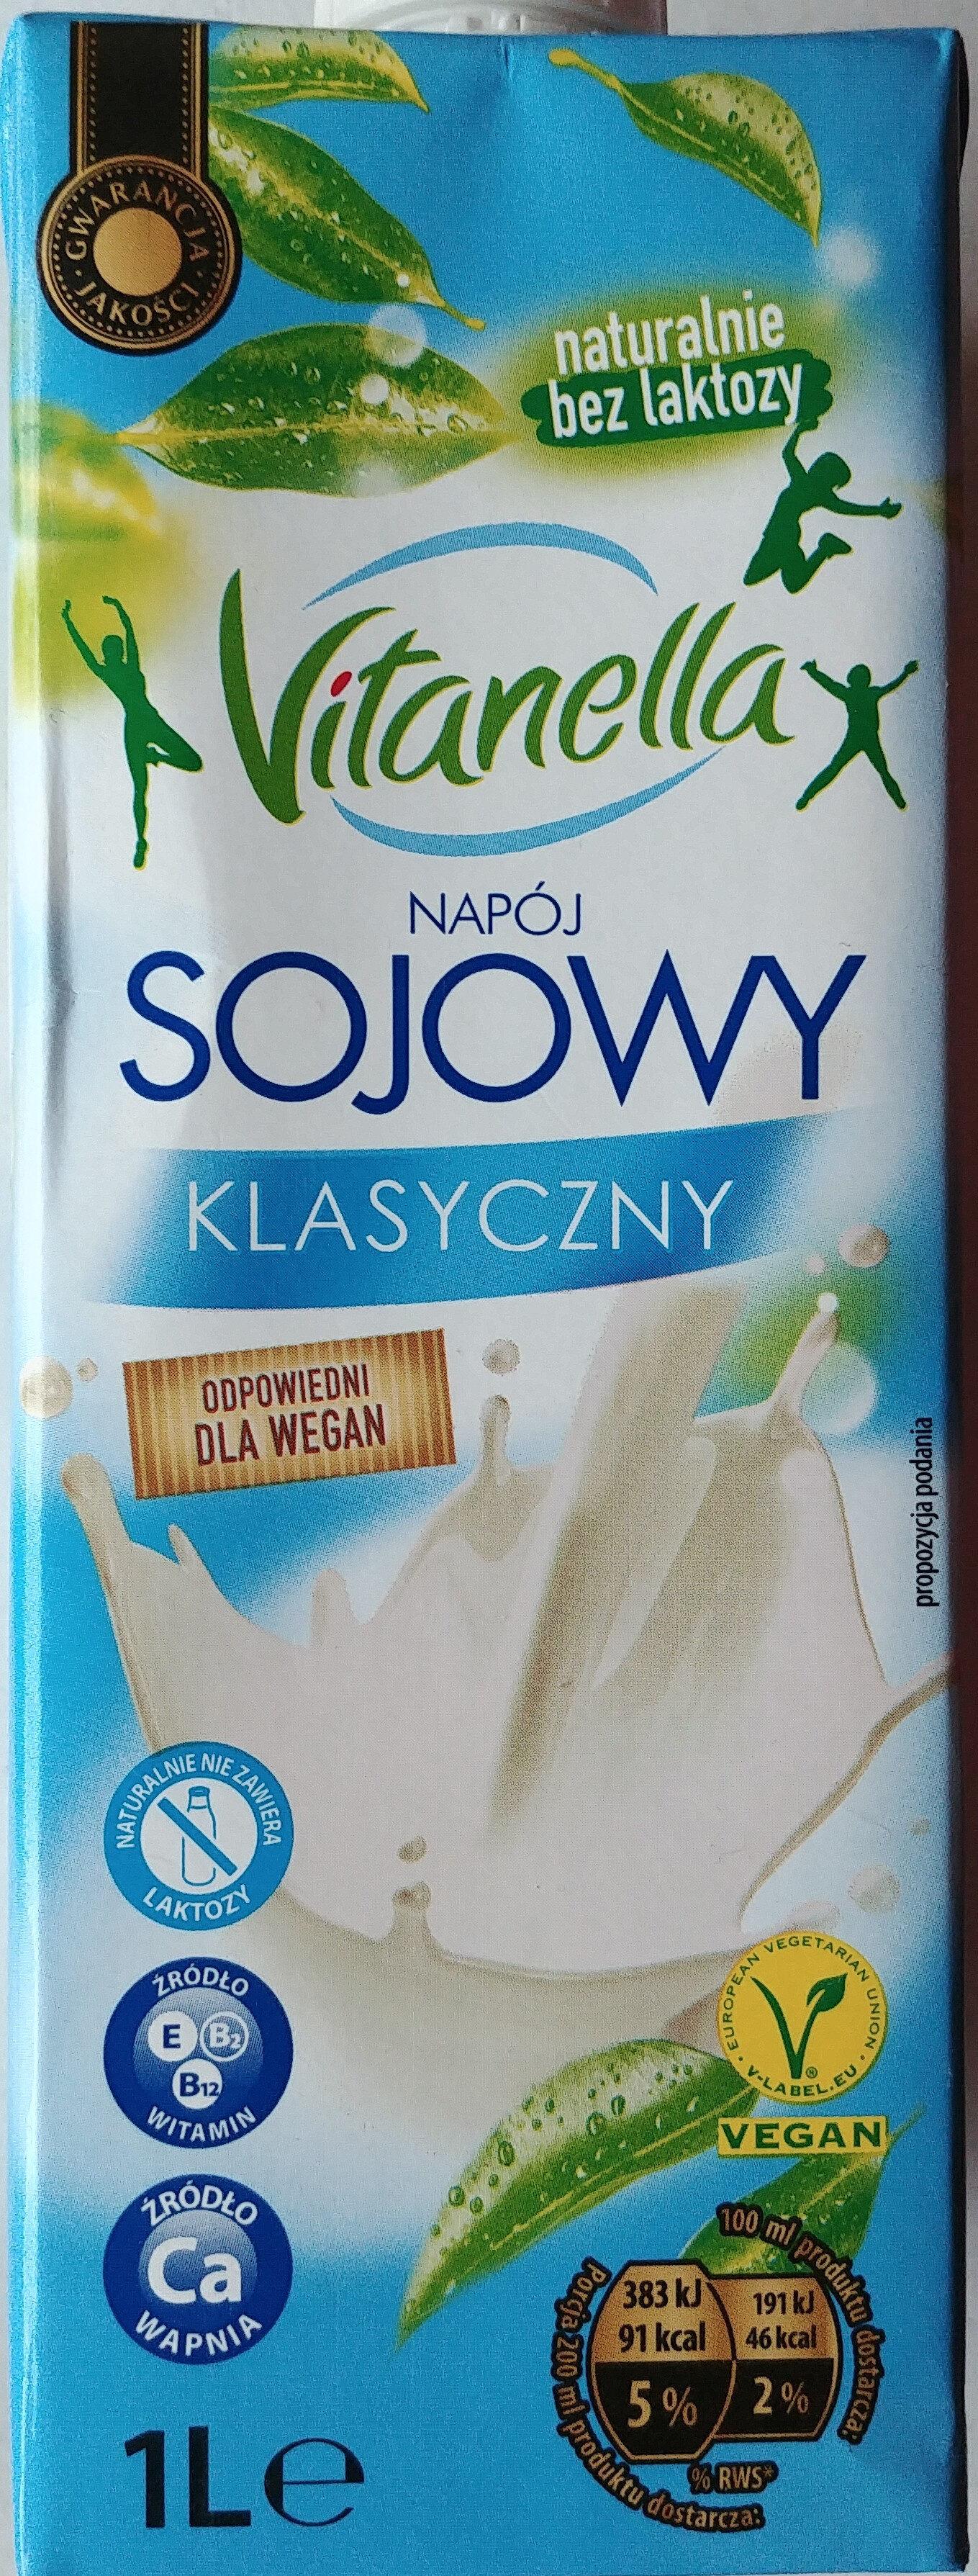 Napój sojowy klasyczny - Produkt